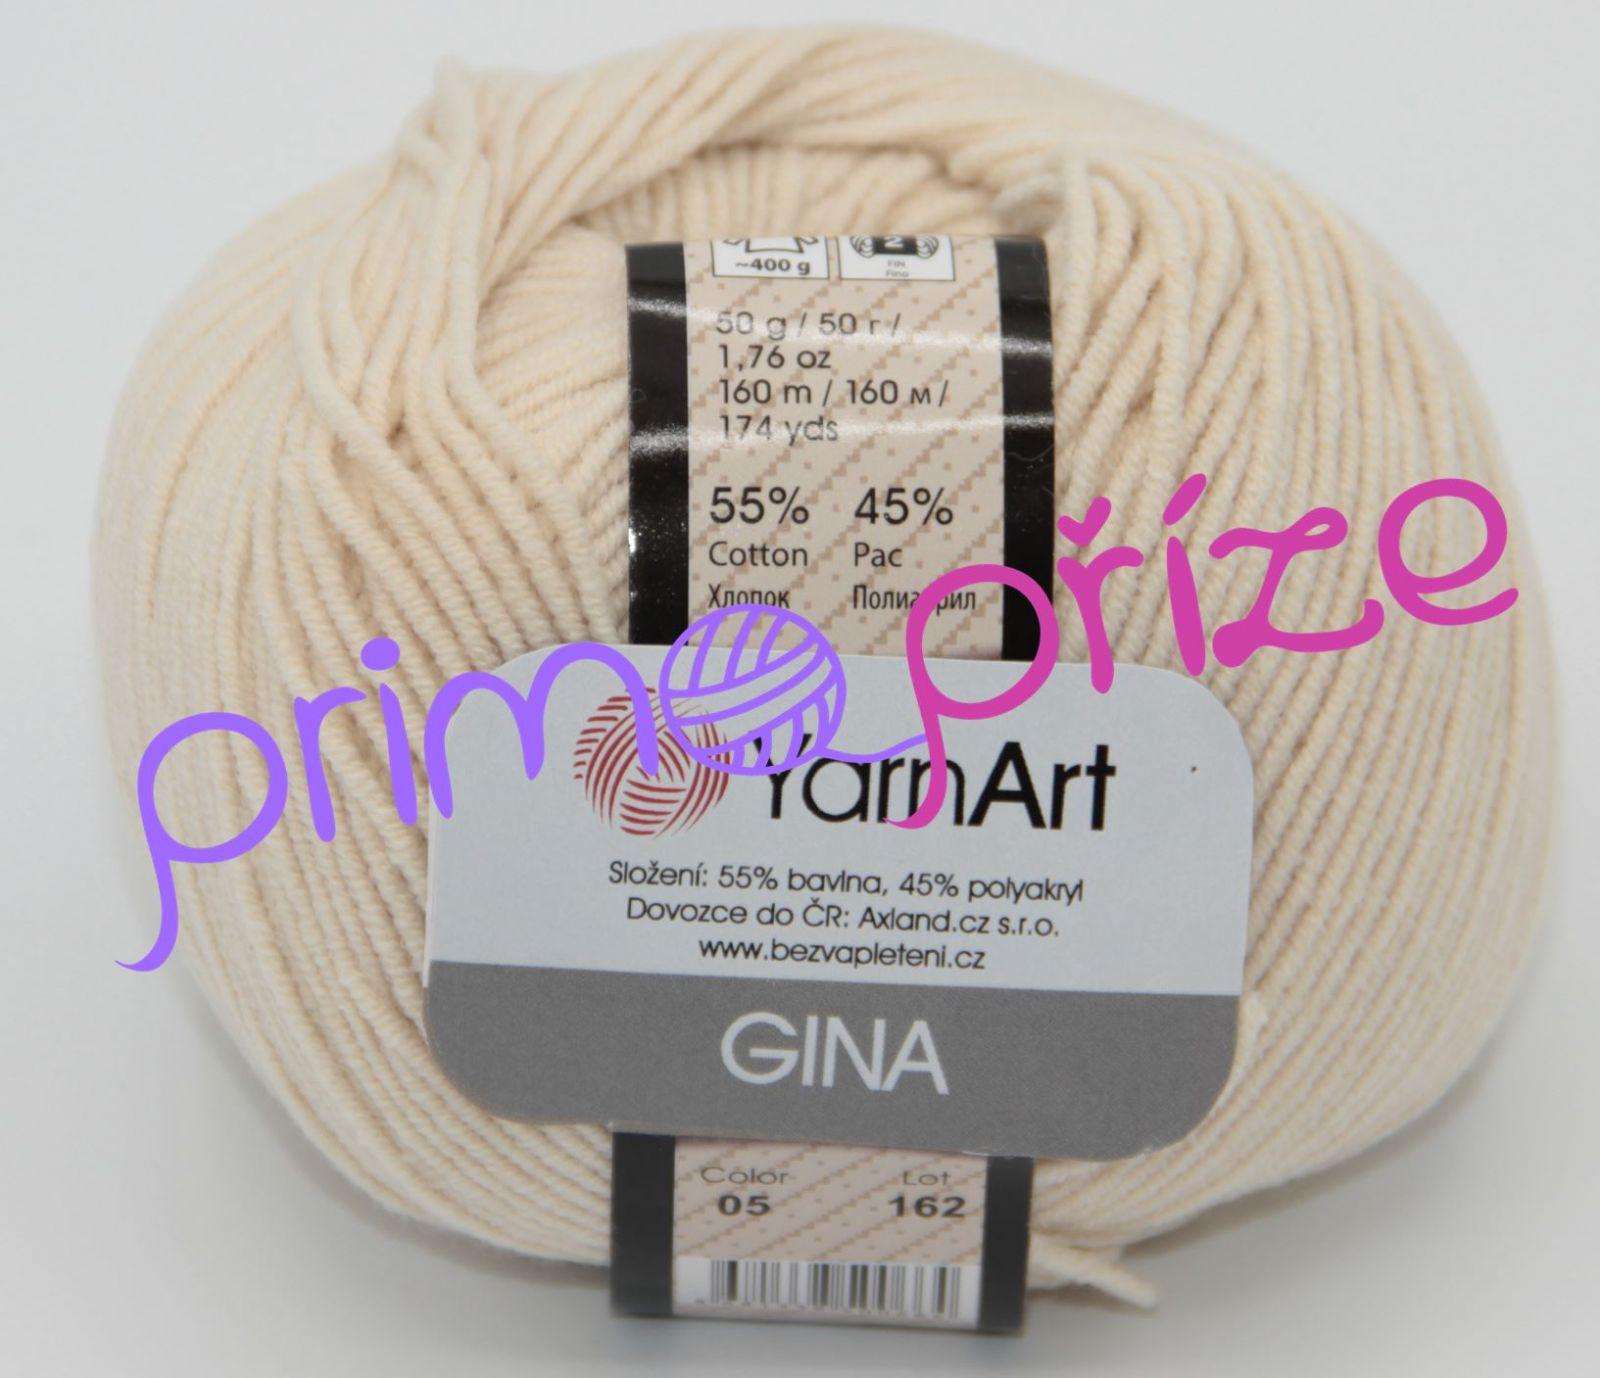 YarnArt Jeans/Gina 05 béžová